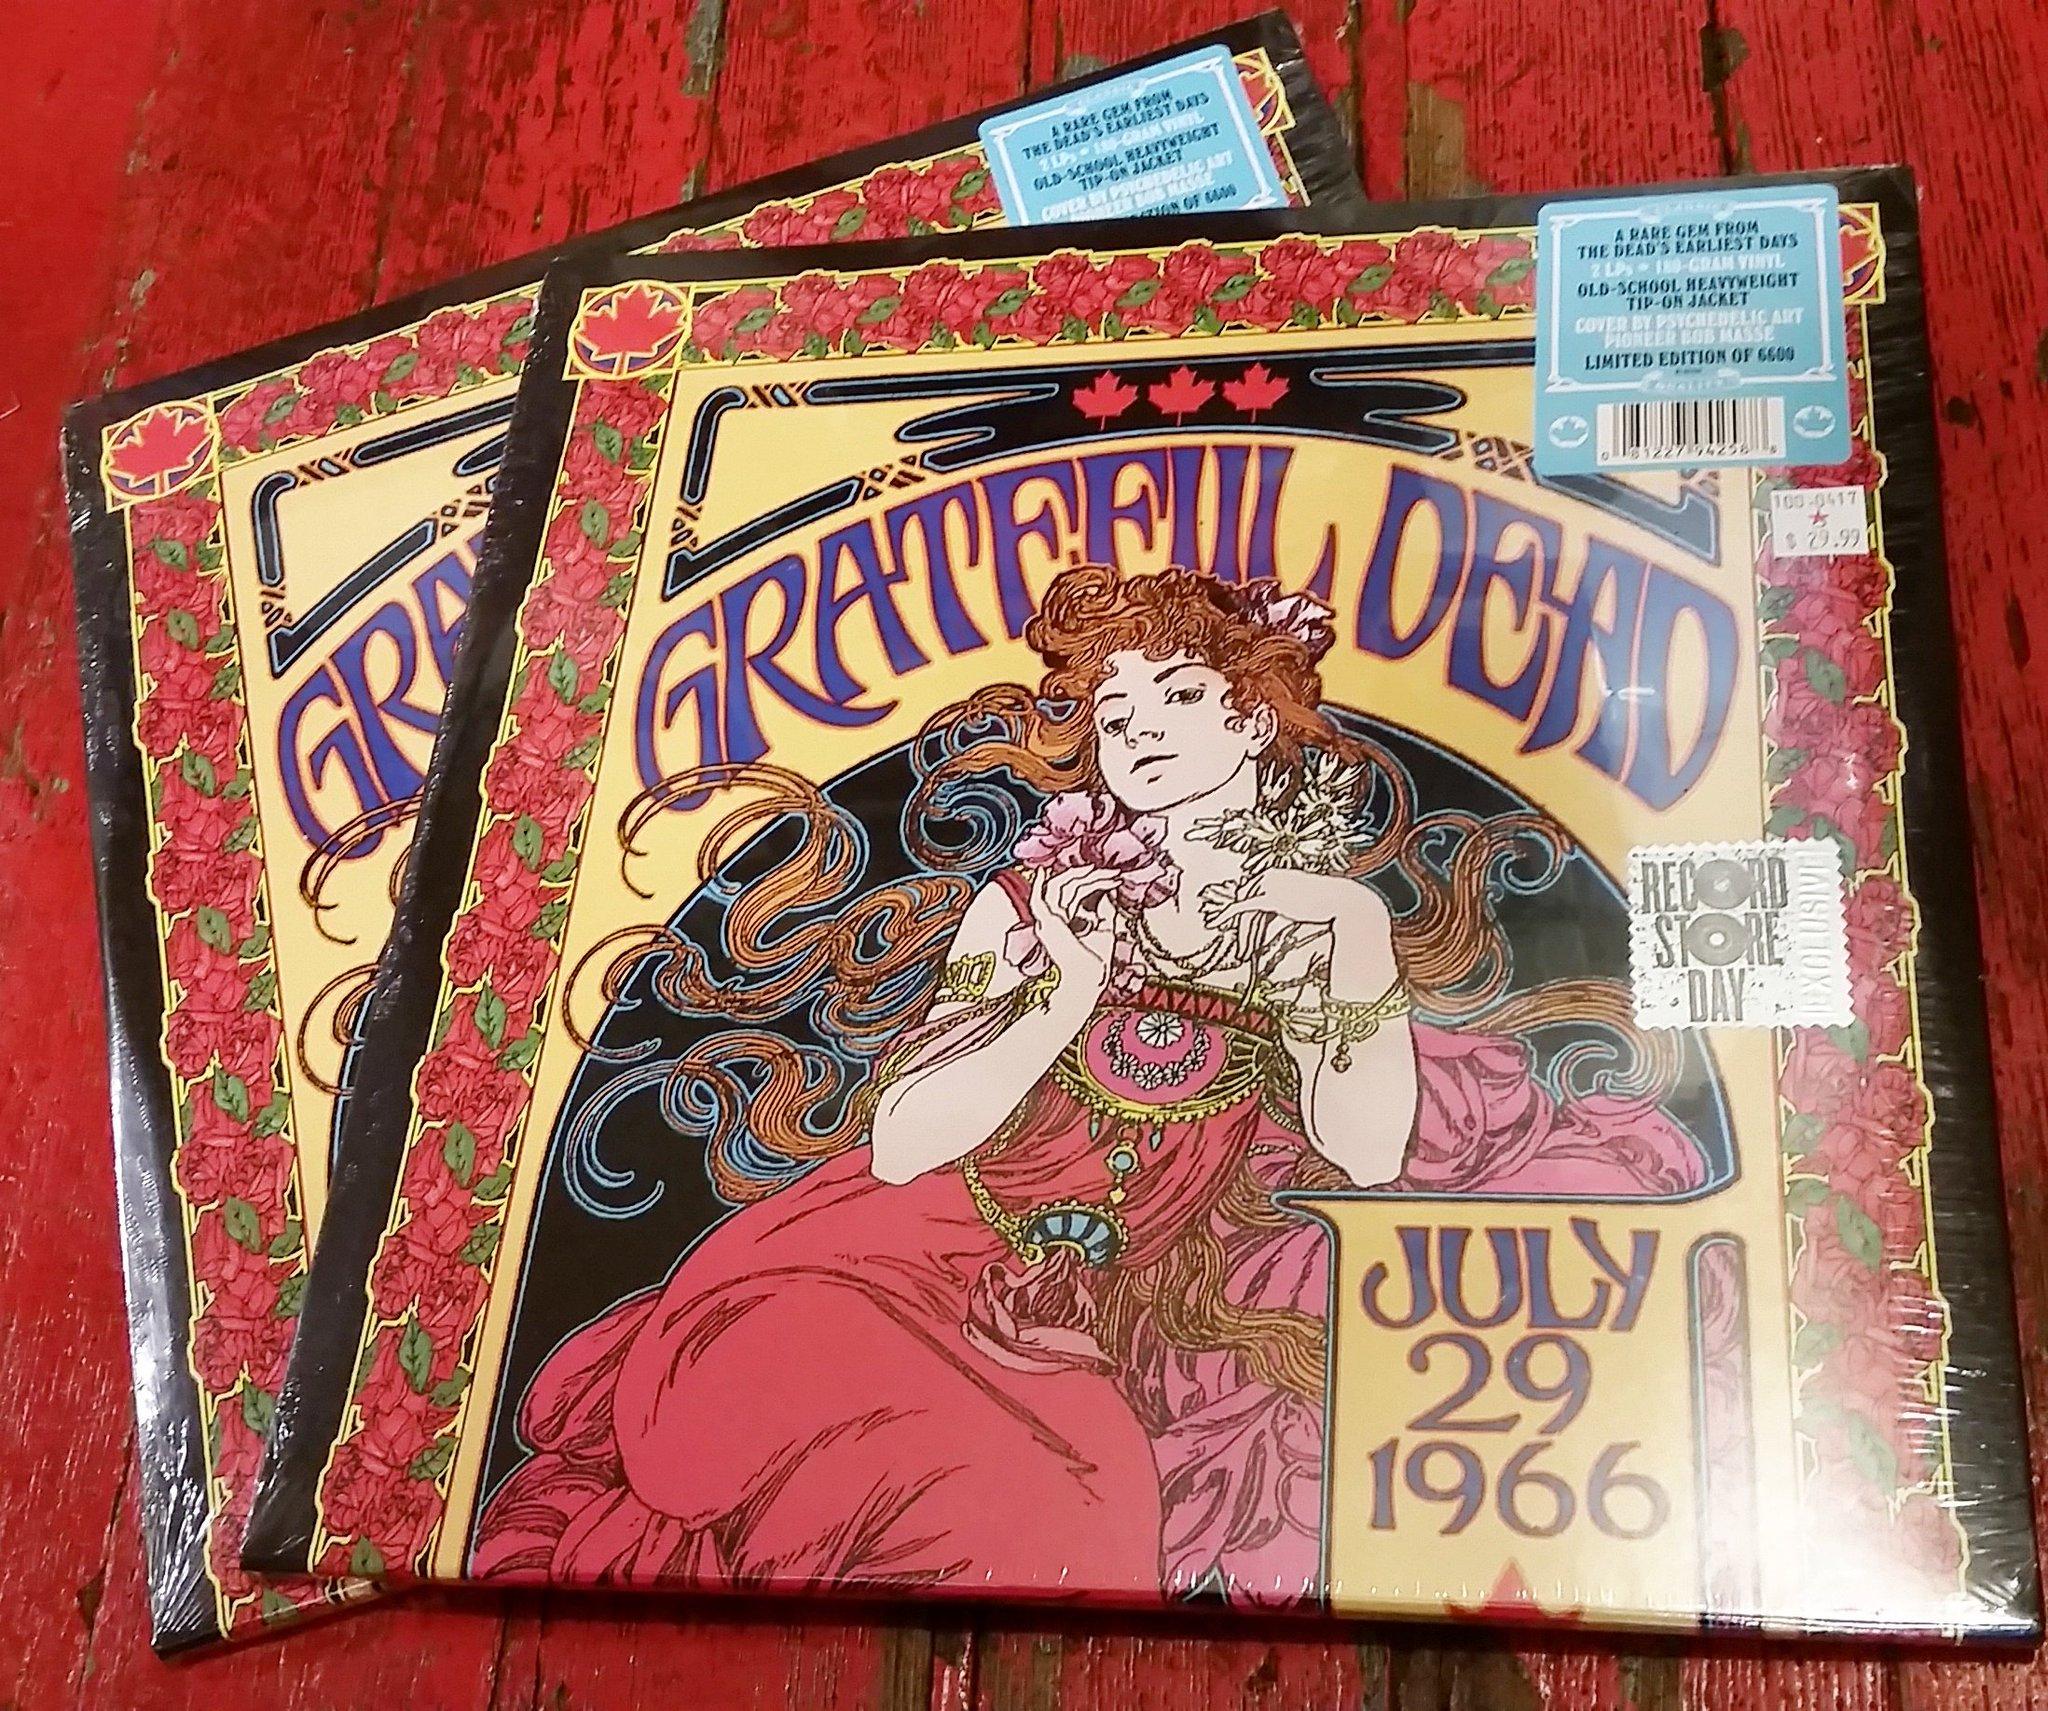 Grateful Dead - Página 4 C9vXmWVUwAAeJnp